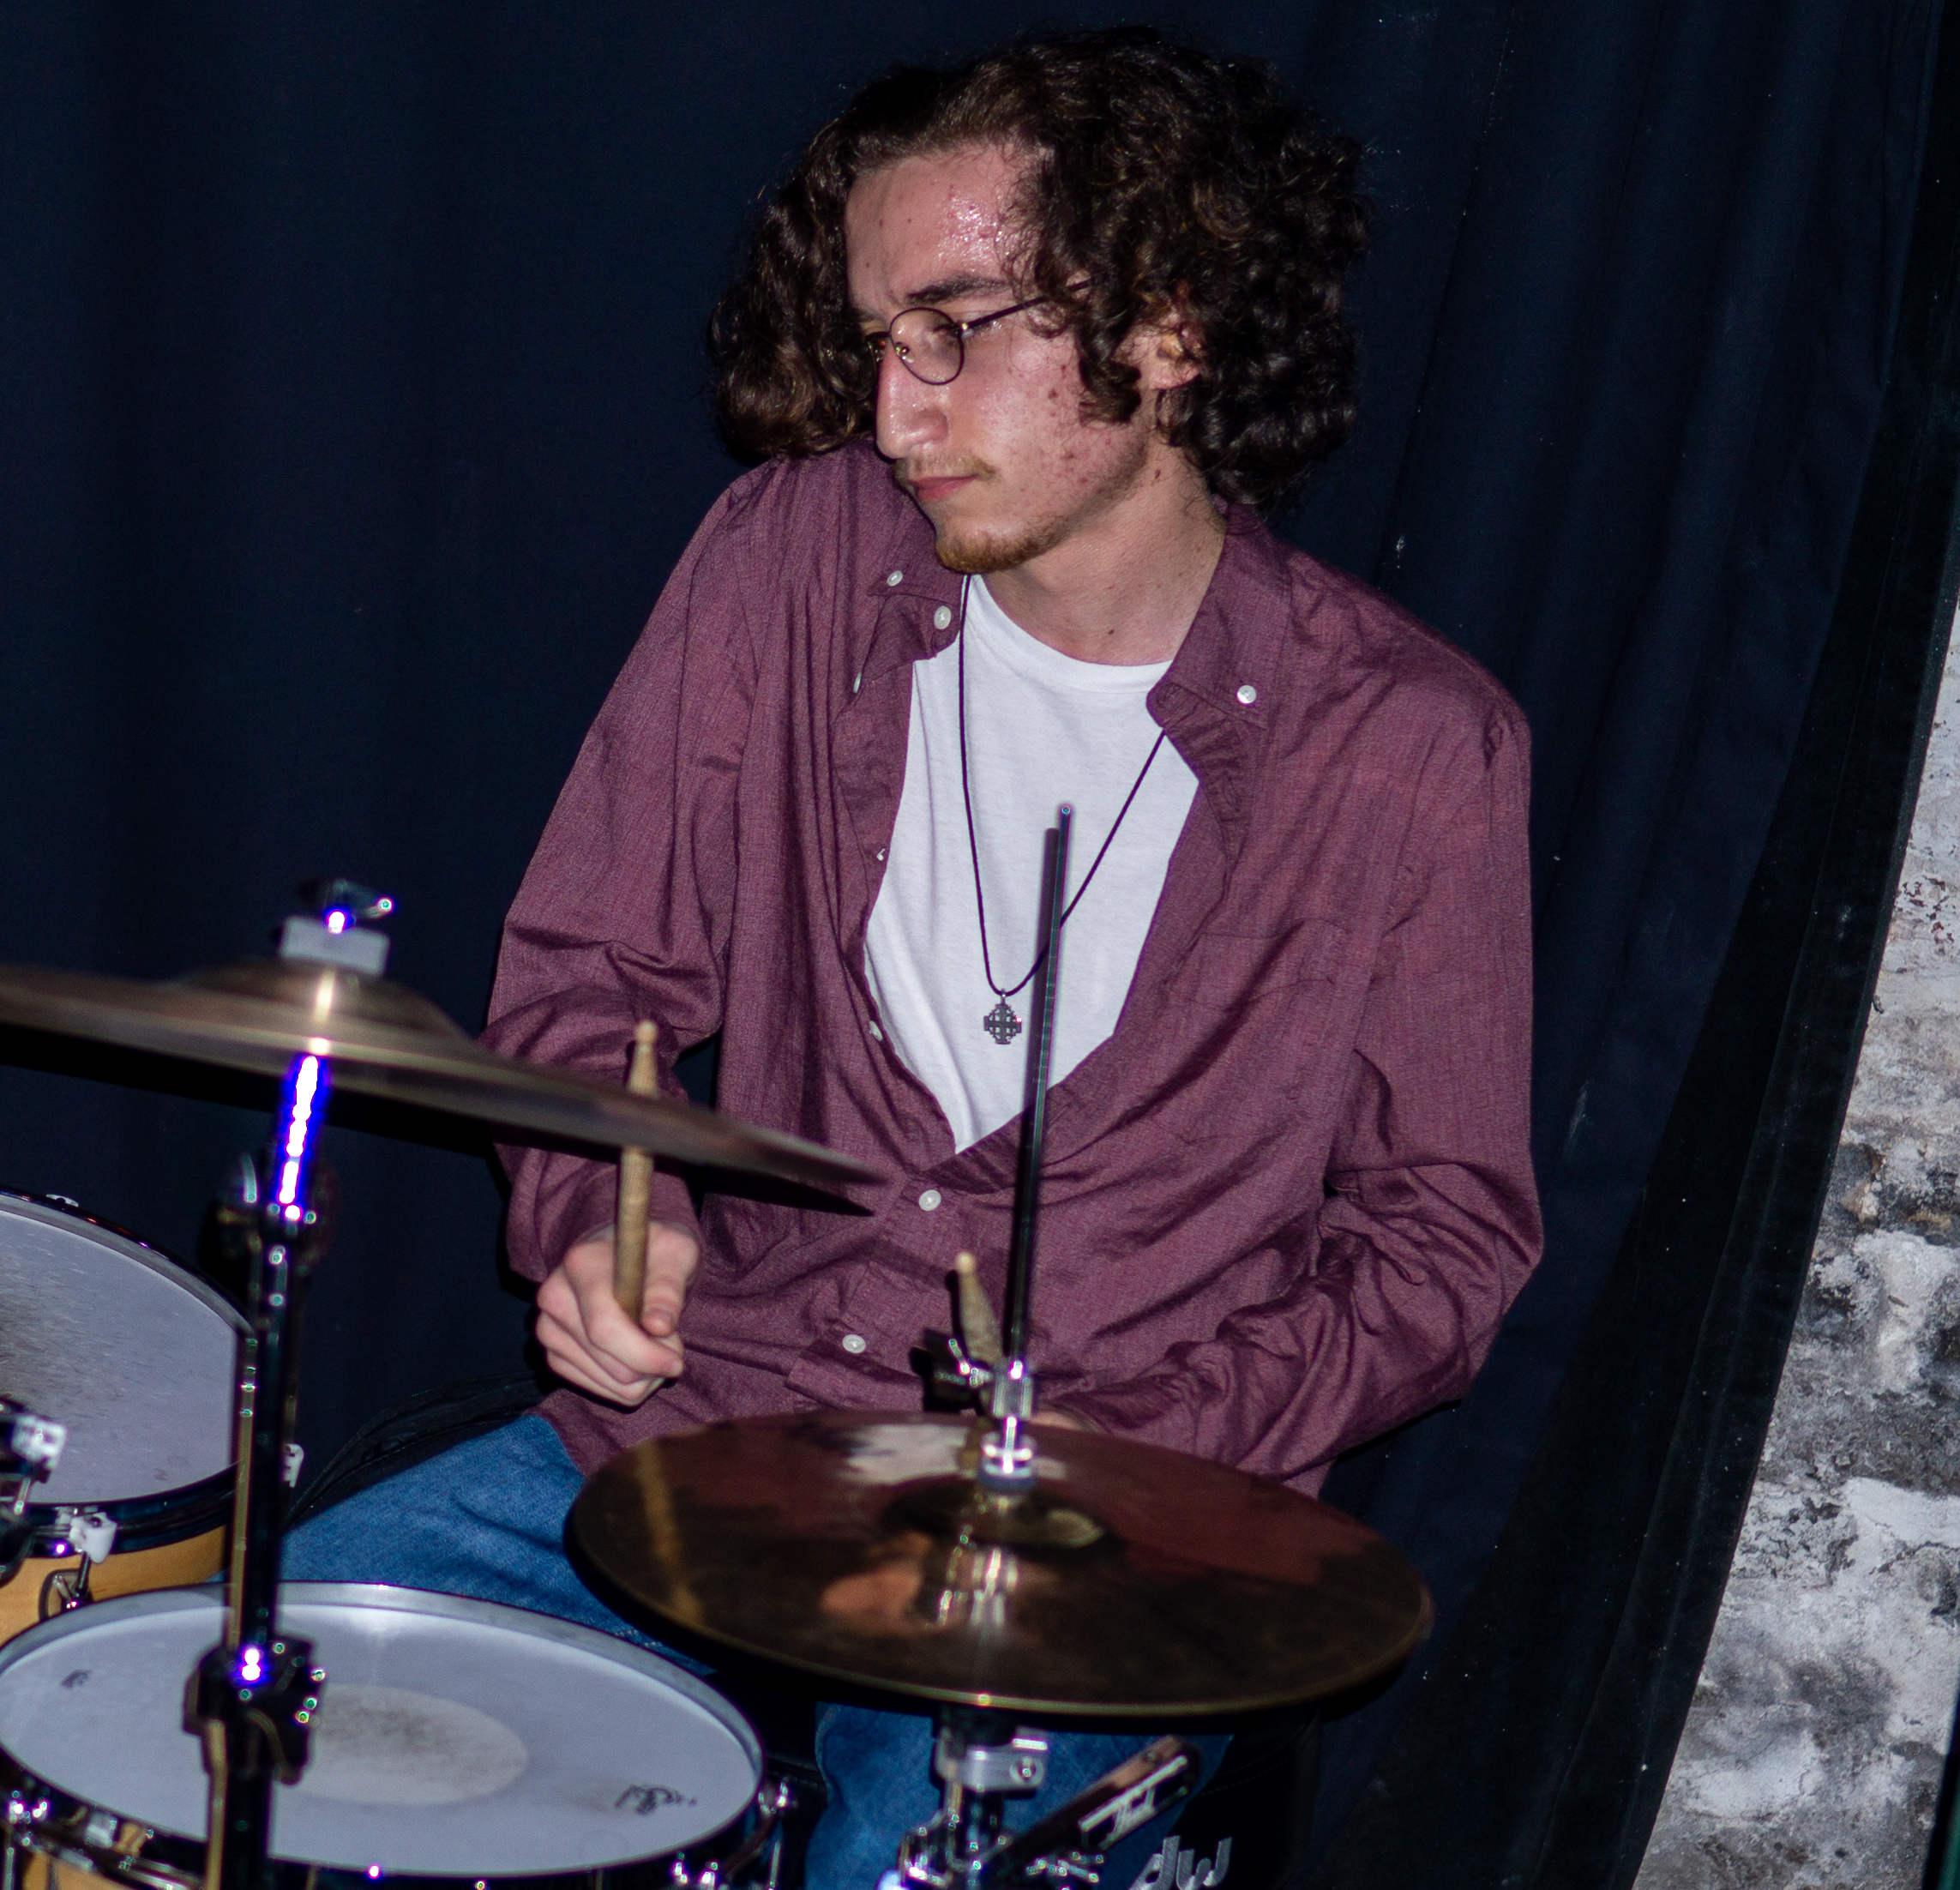 Marco Saah